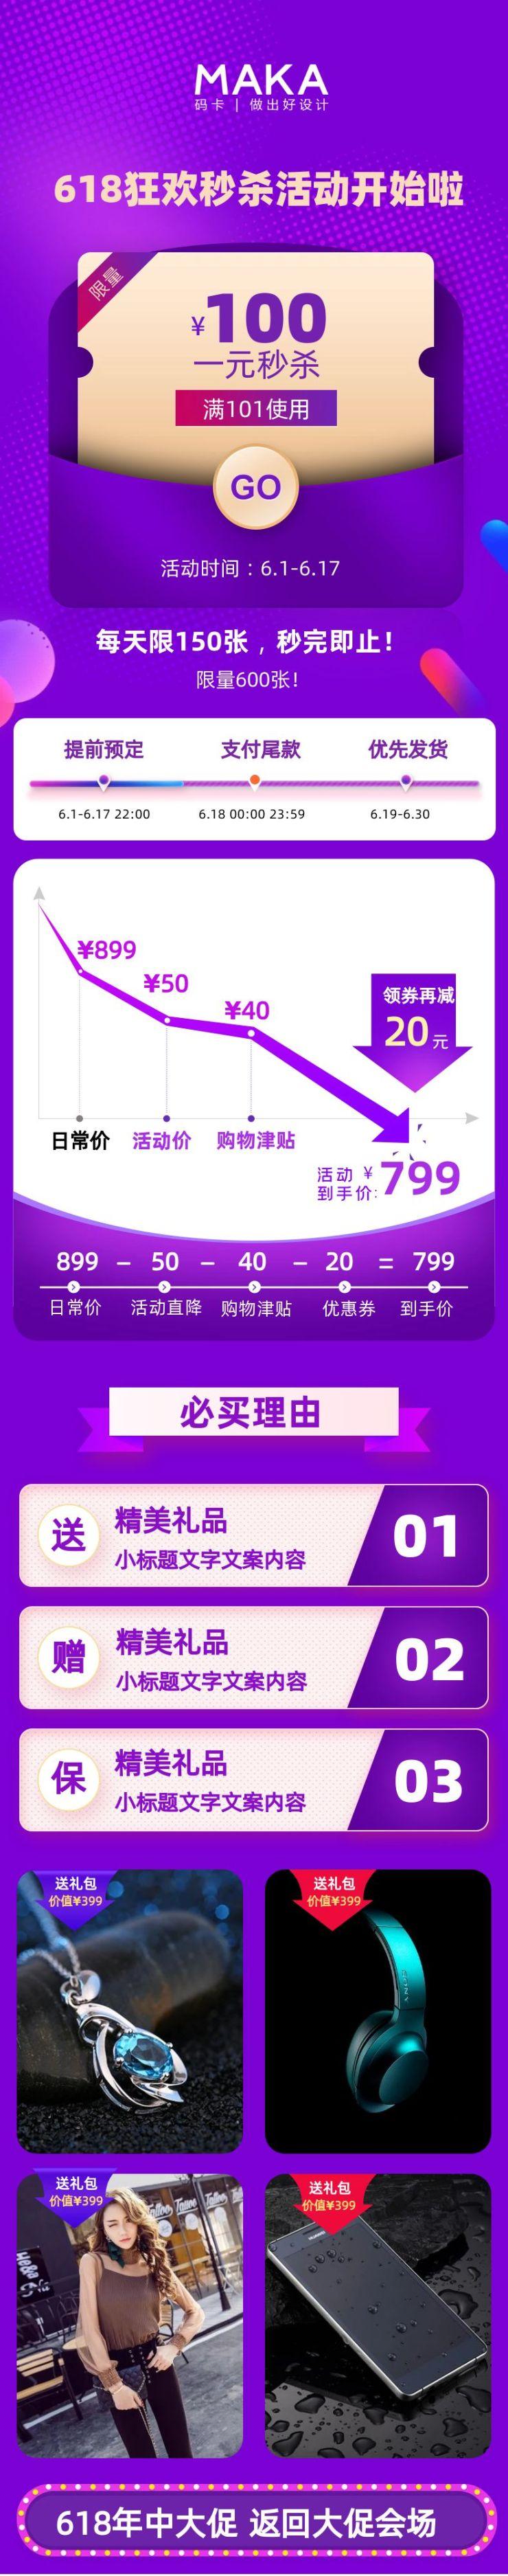 紫色炫酷风产品618狂欢季促销宣传推广详情页